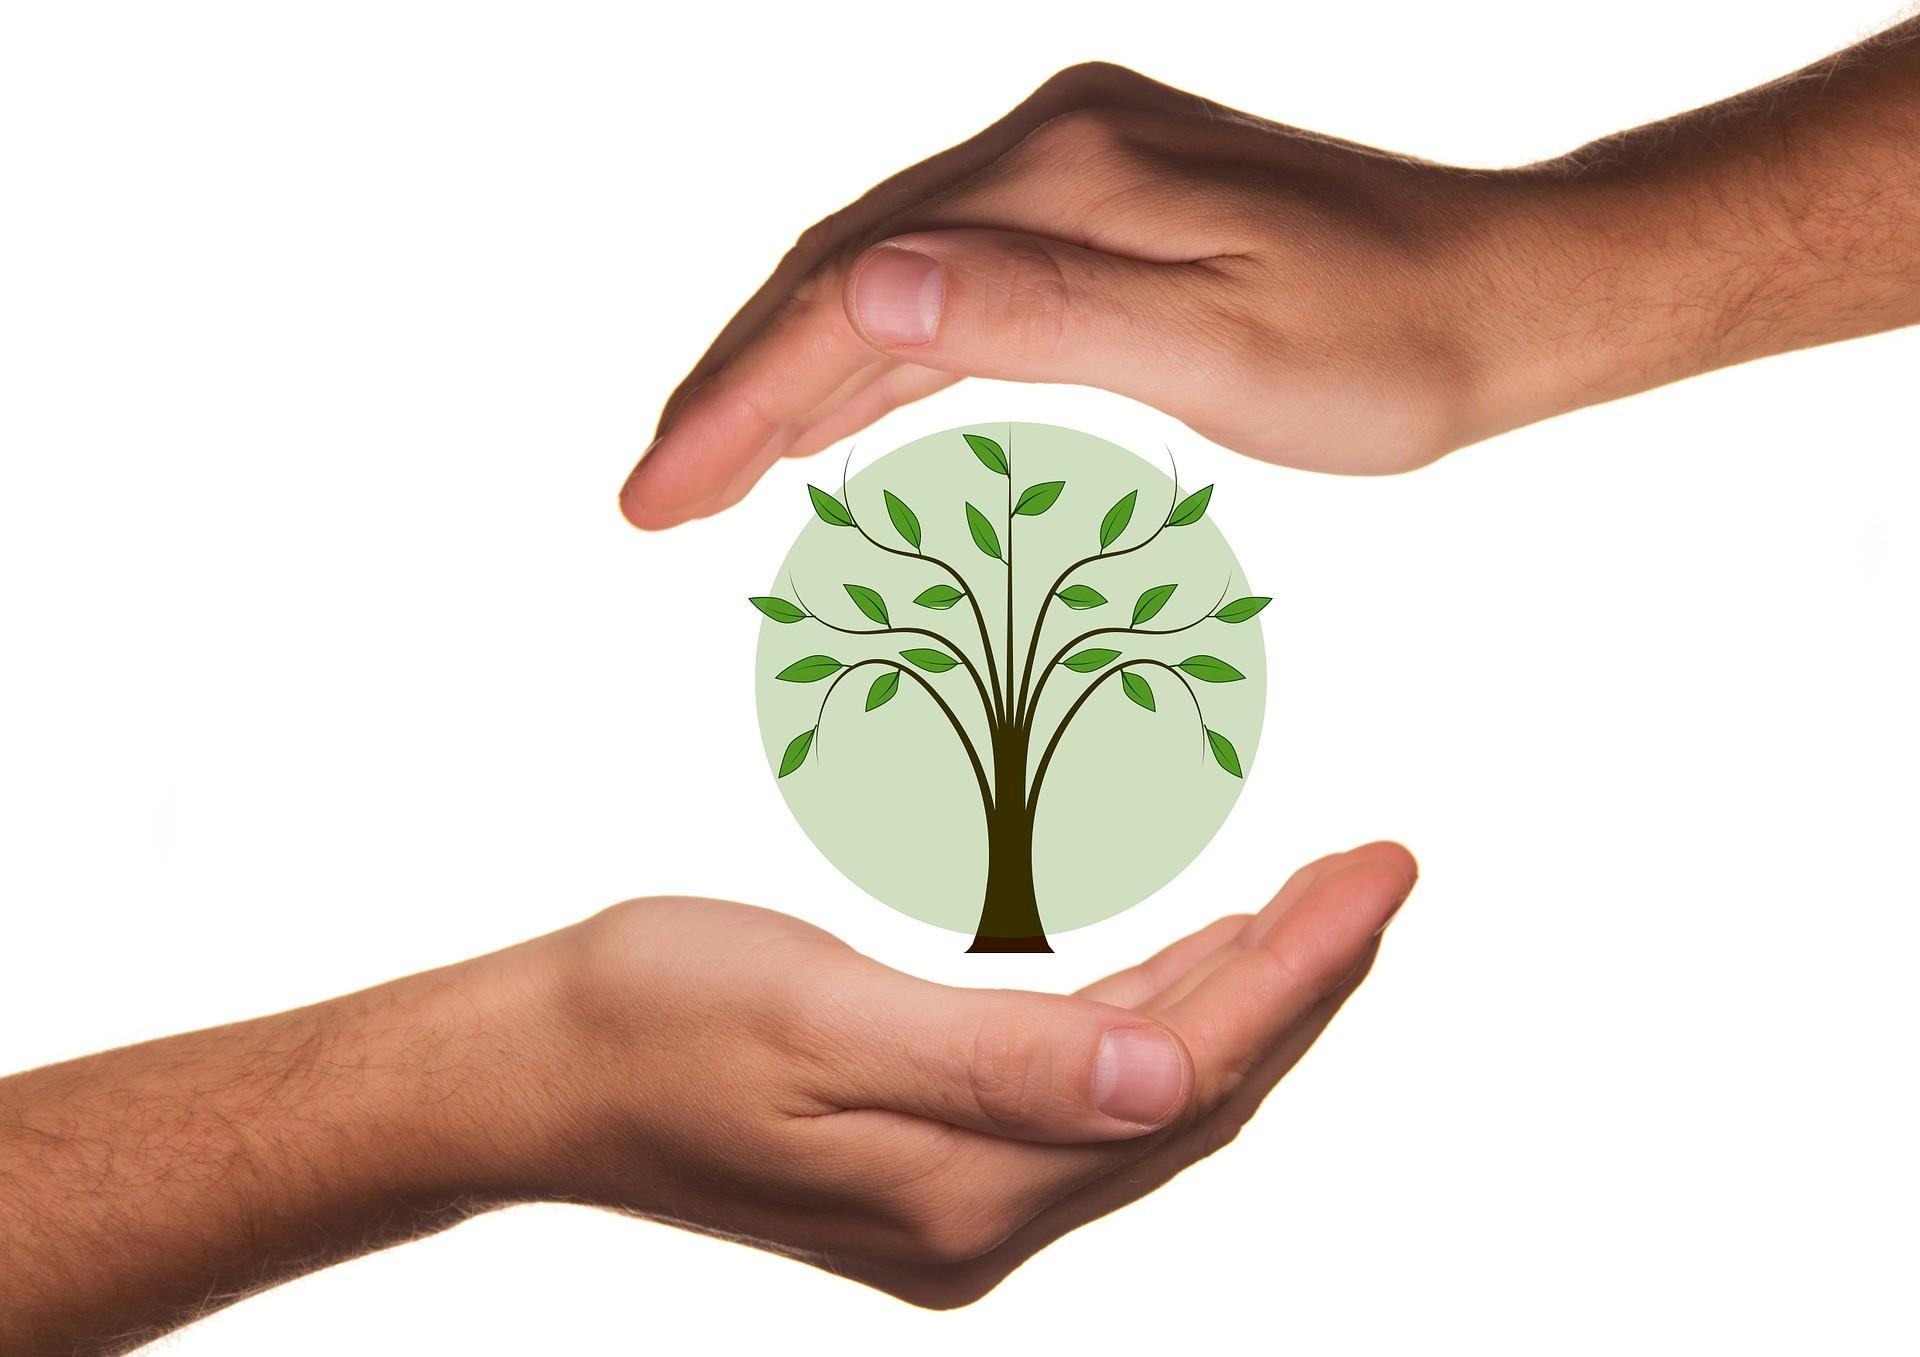 48a Edizione Di Filo: Sostenibilità In Primo Piano